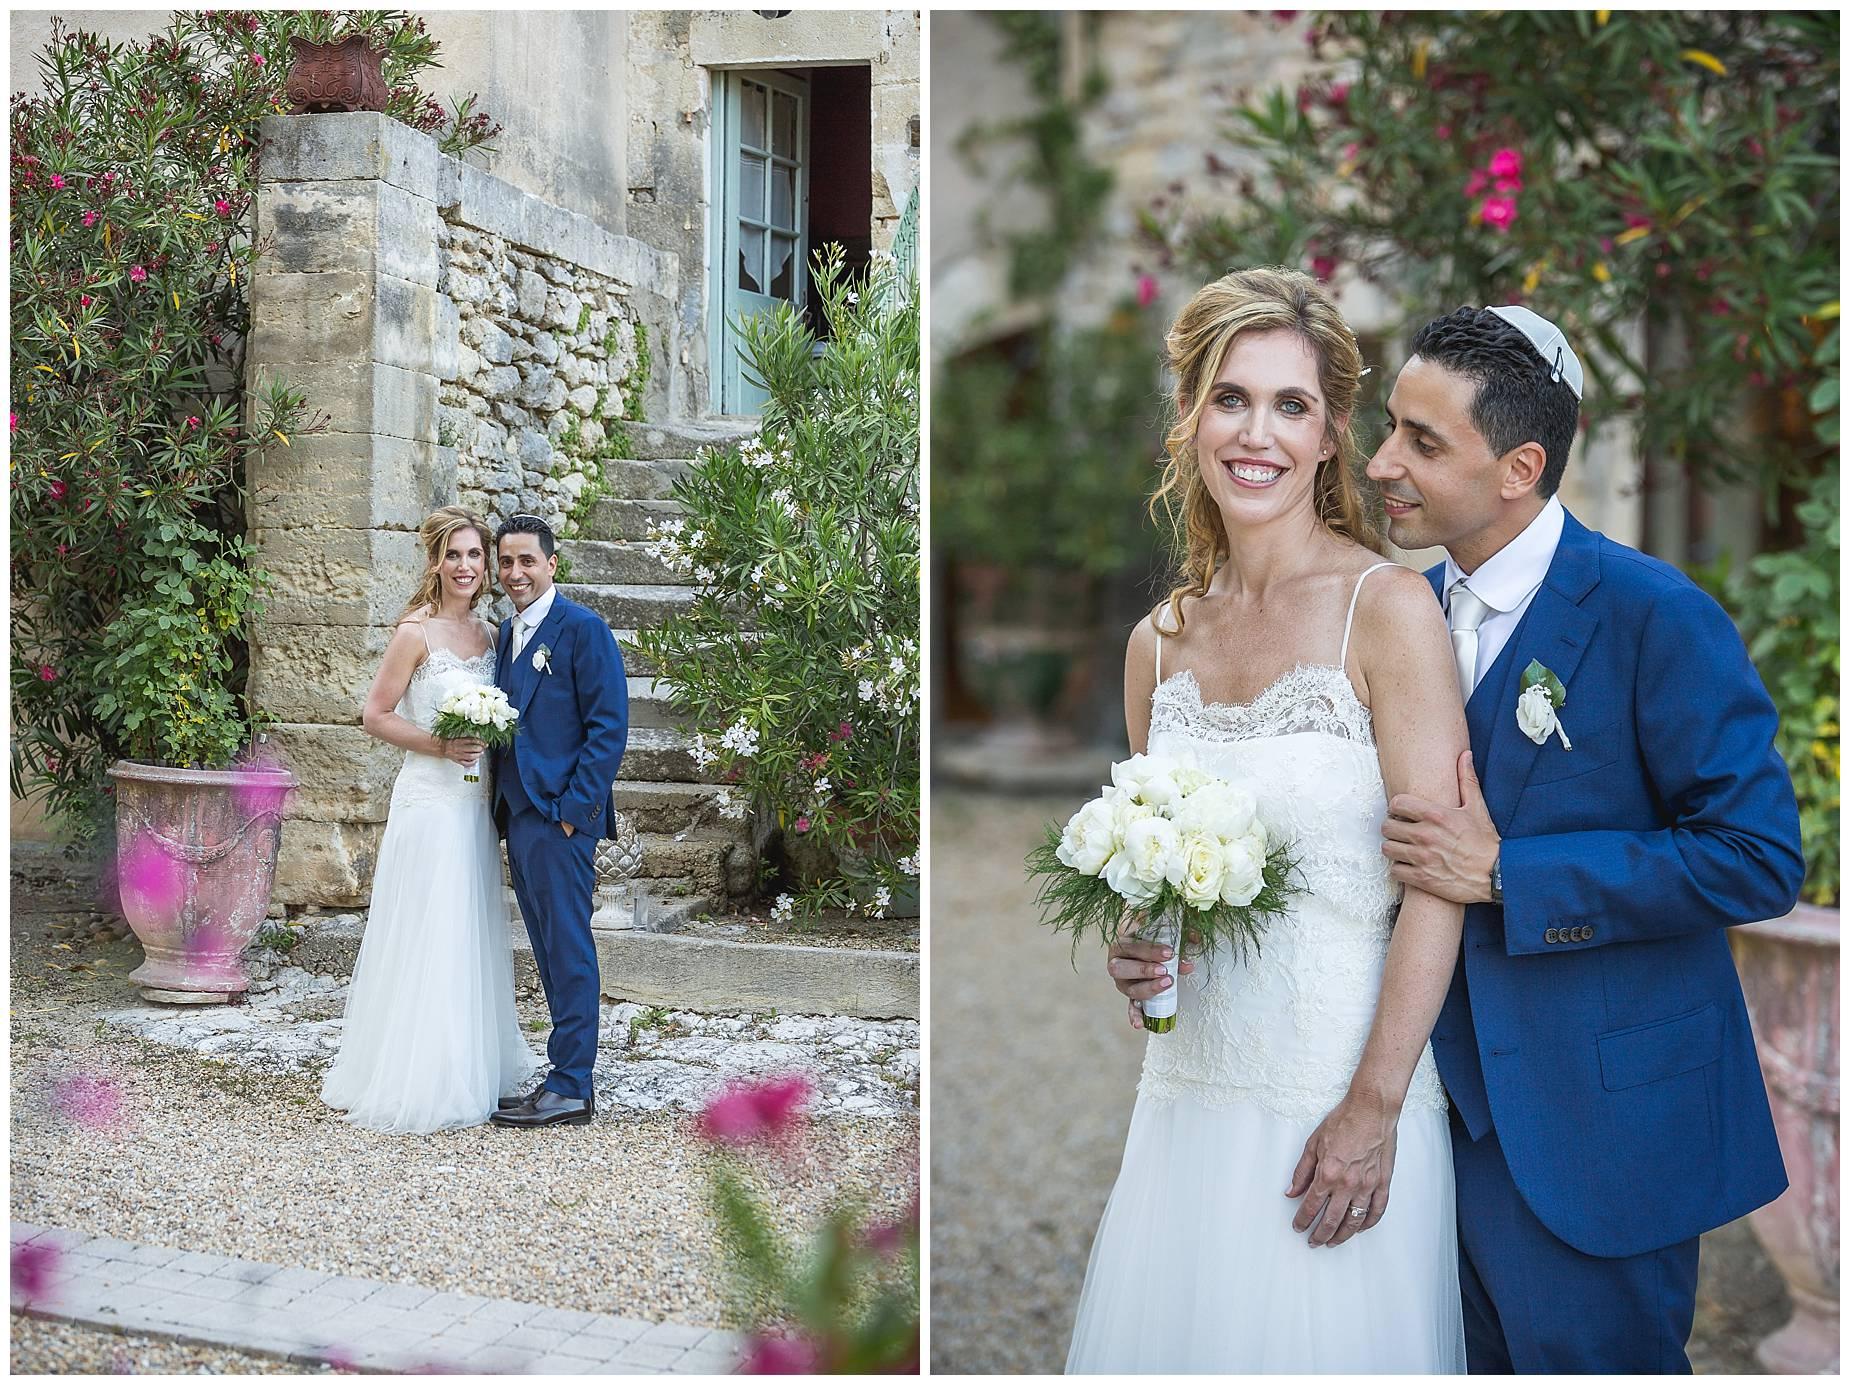 Chateau de Pouget Wedding photos